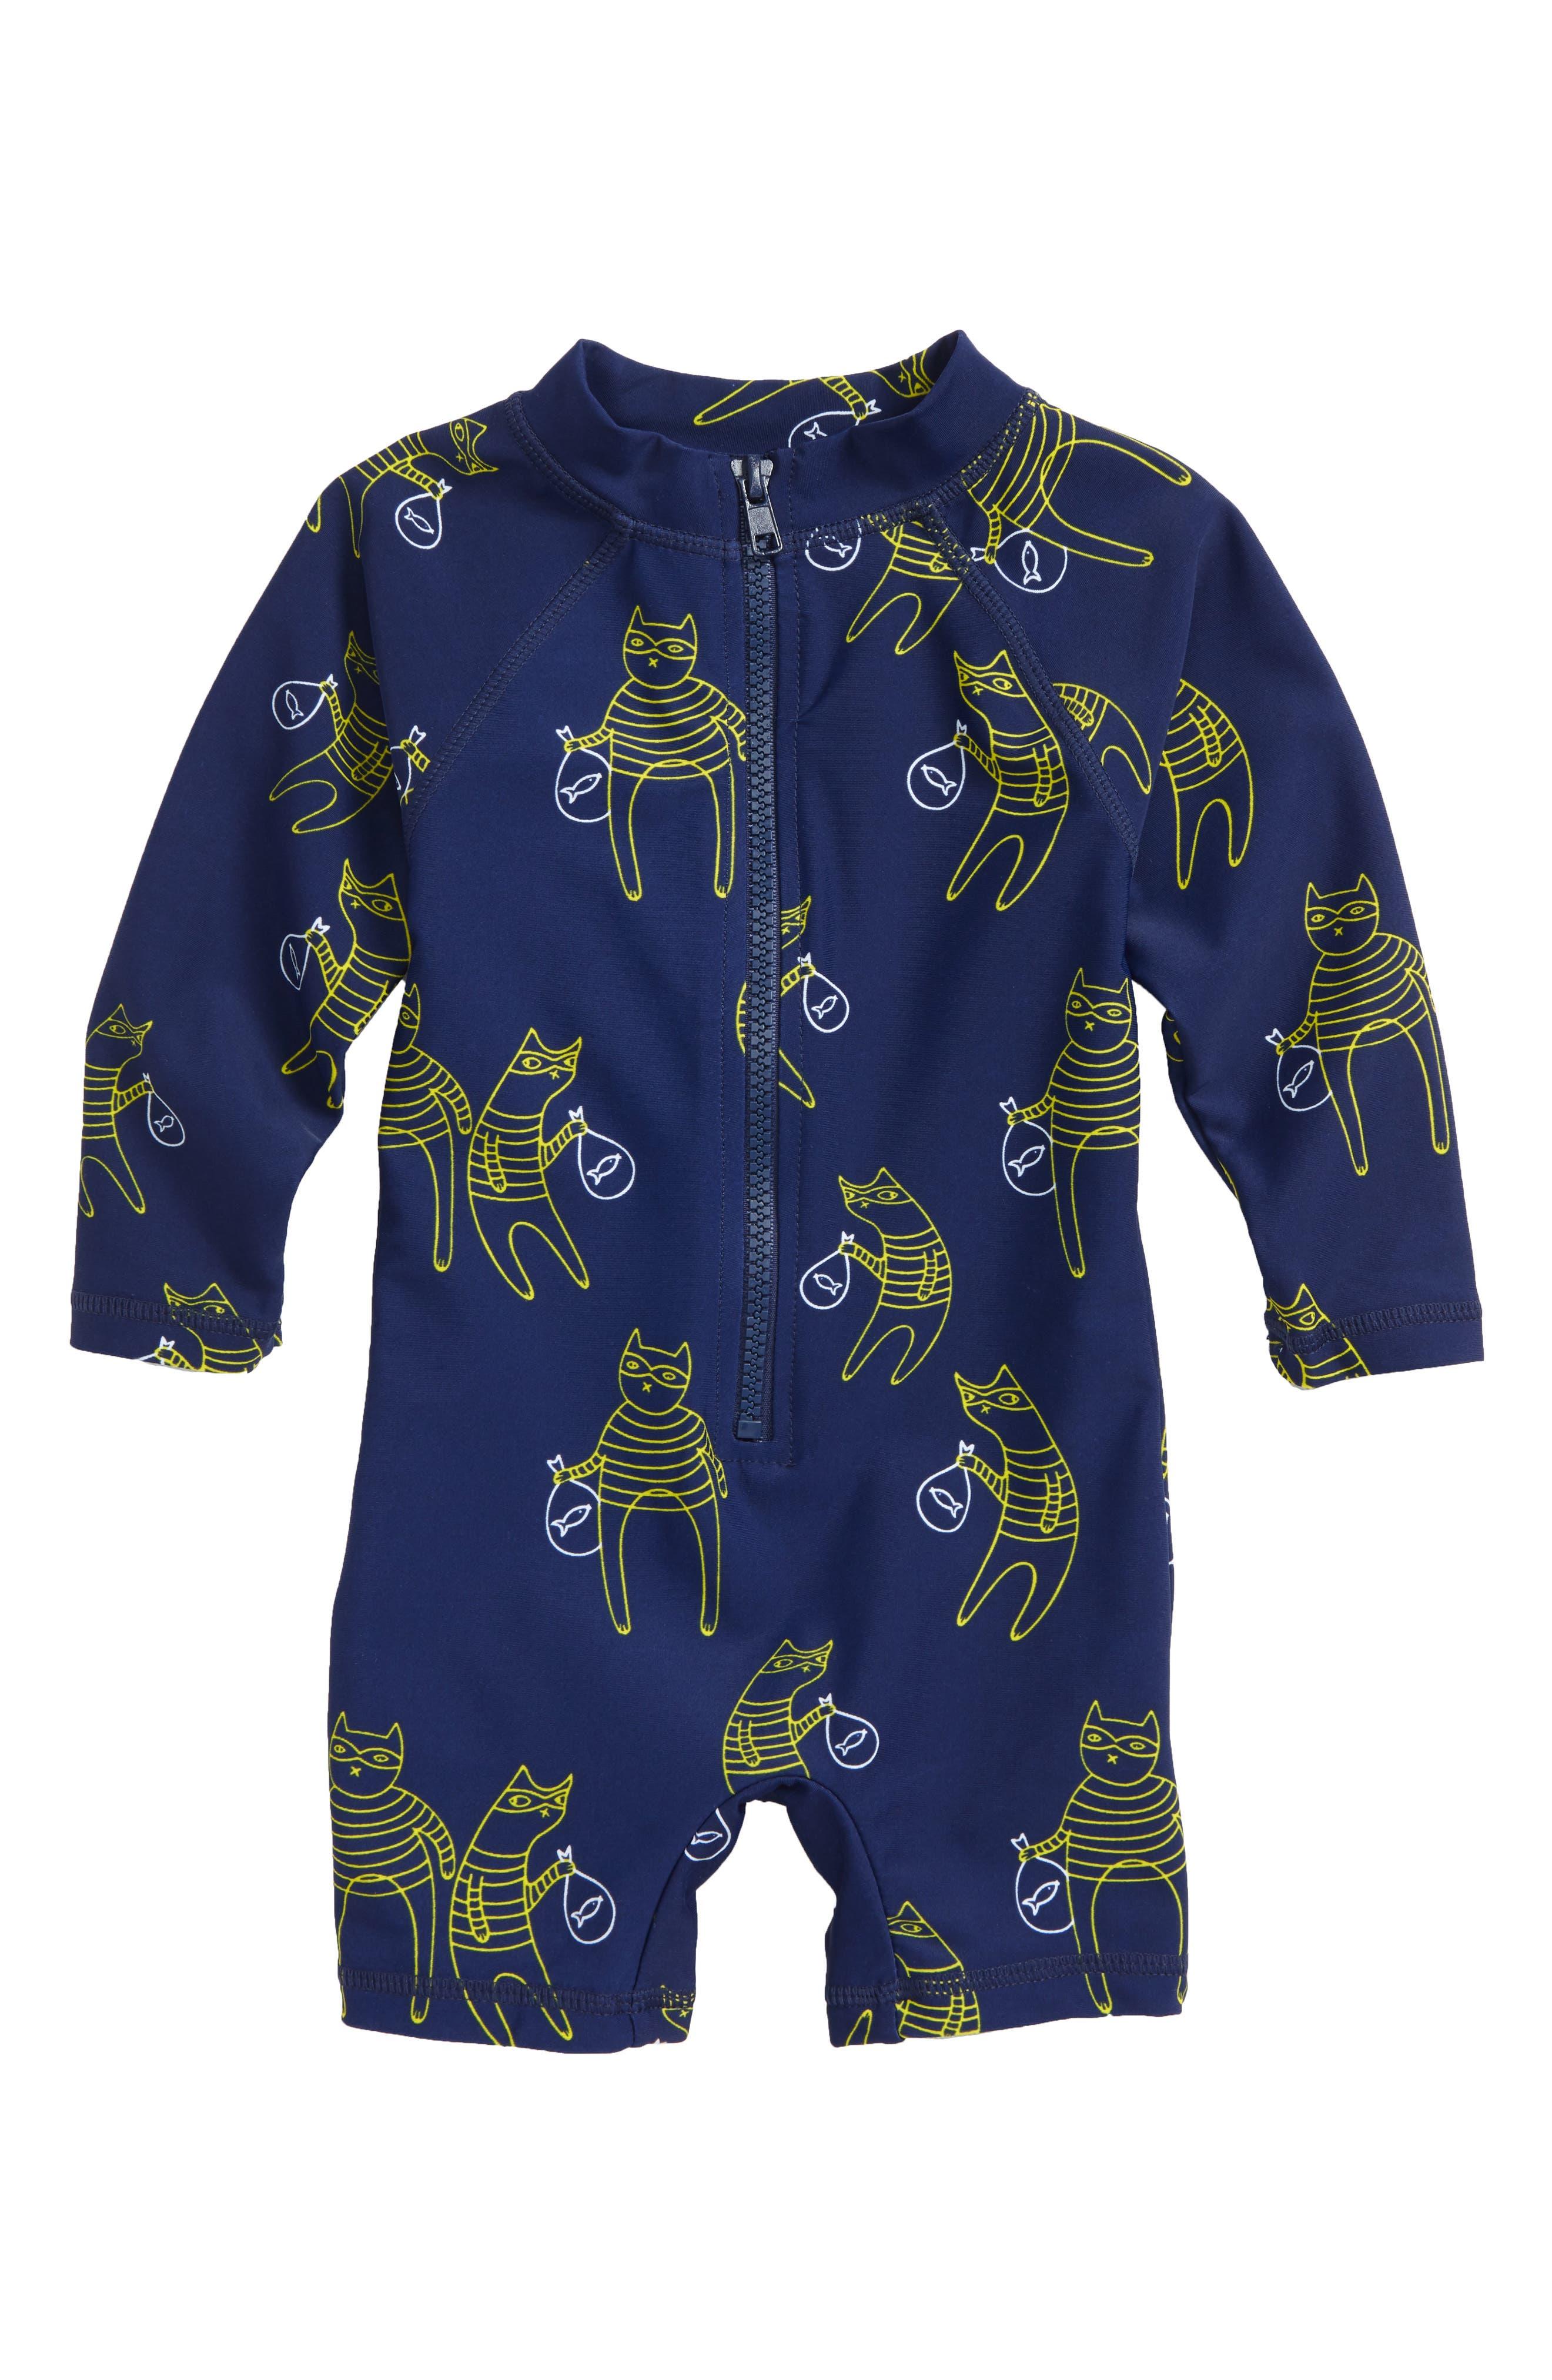 Cat Bandit One-Piece Rashgaurd Swimsuit,                         Main,                         color, 415